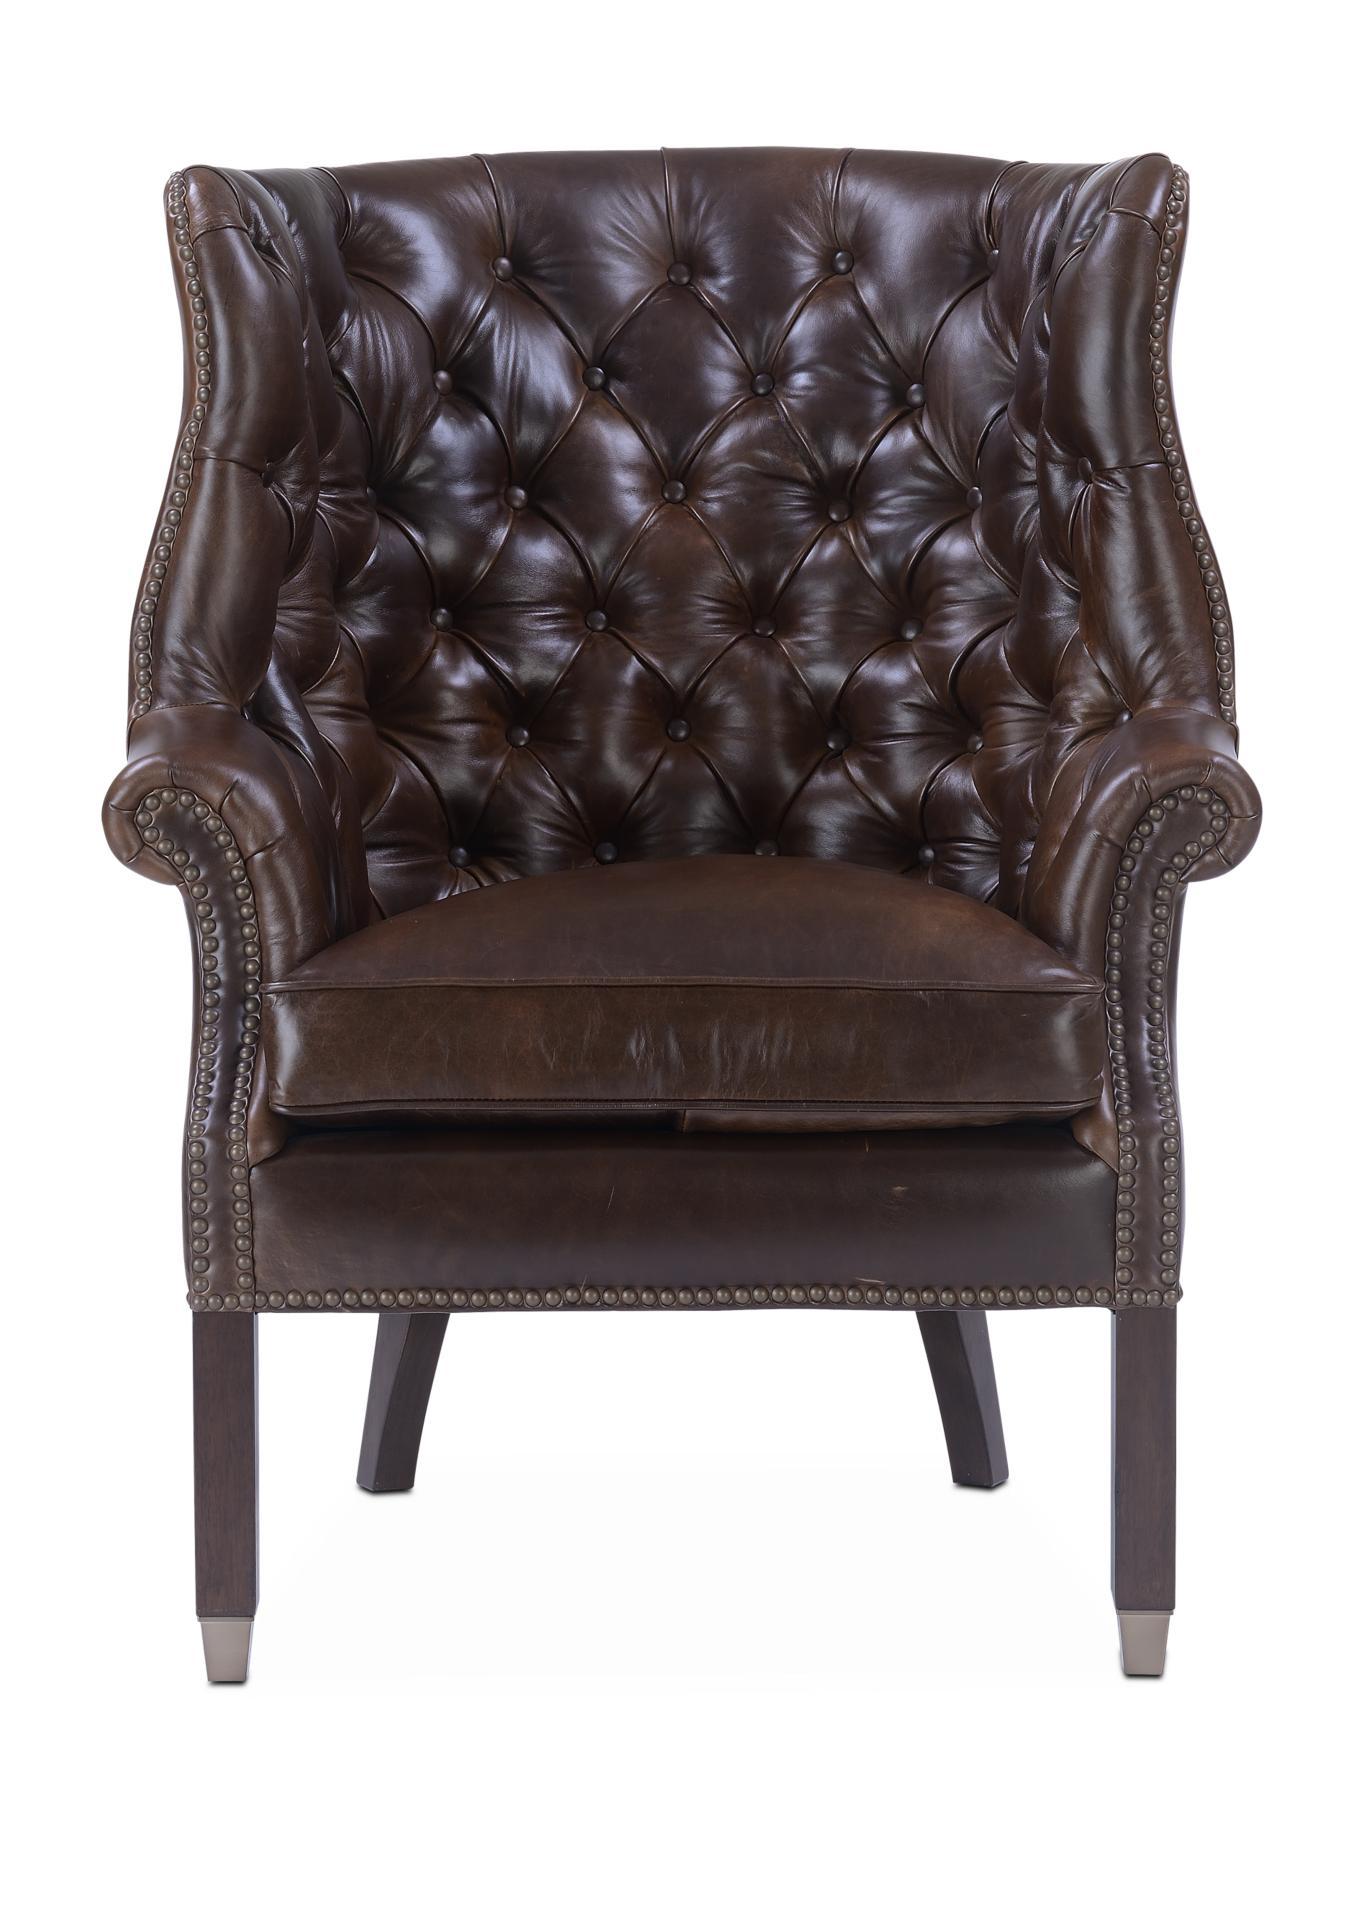 Value City Furniture Columbus OH 43229